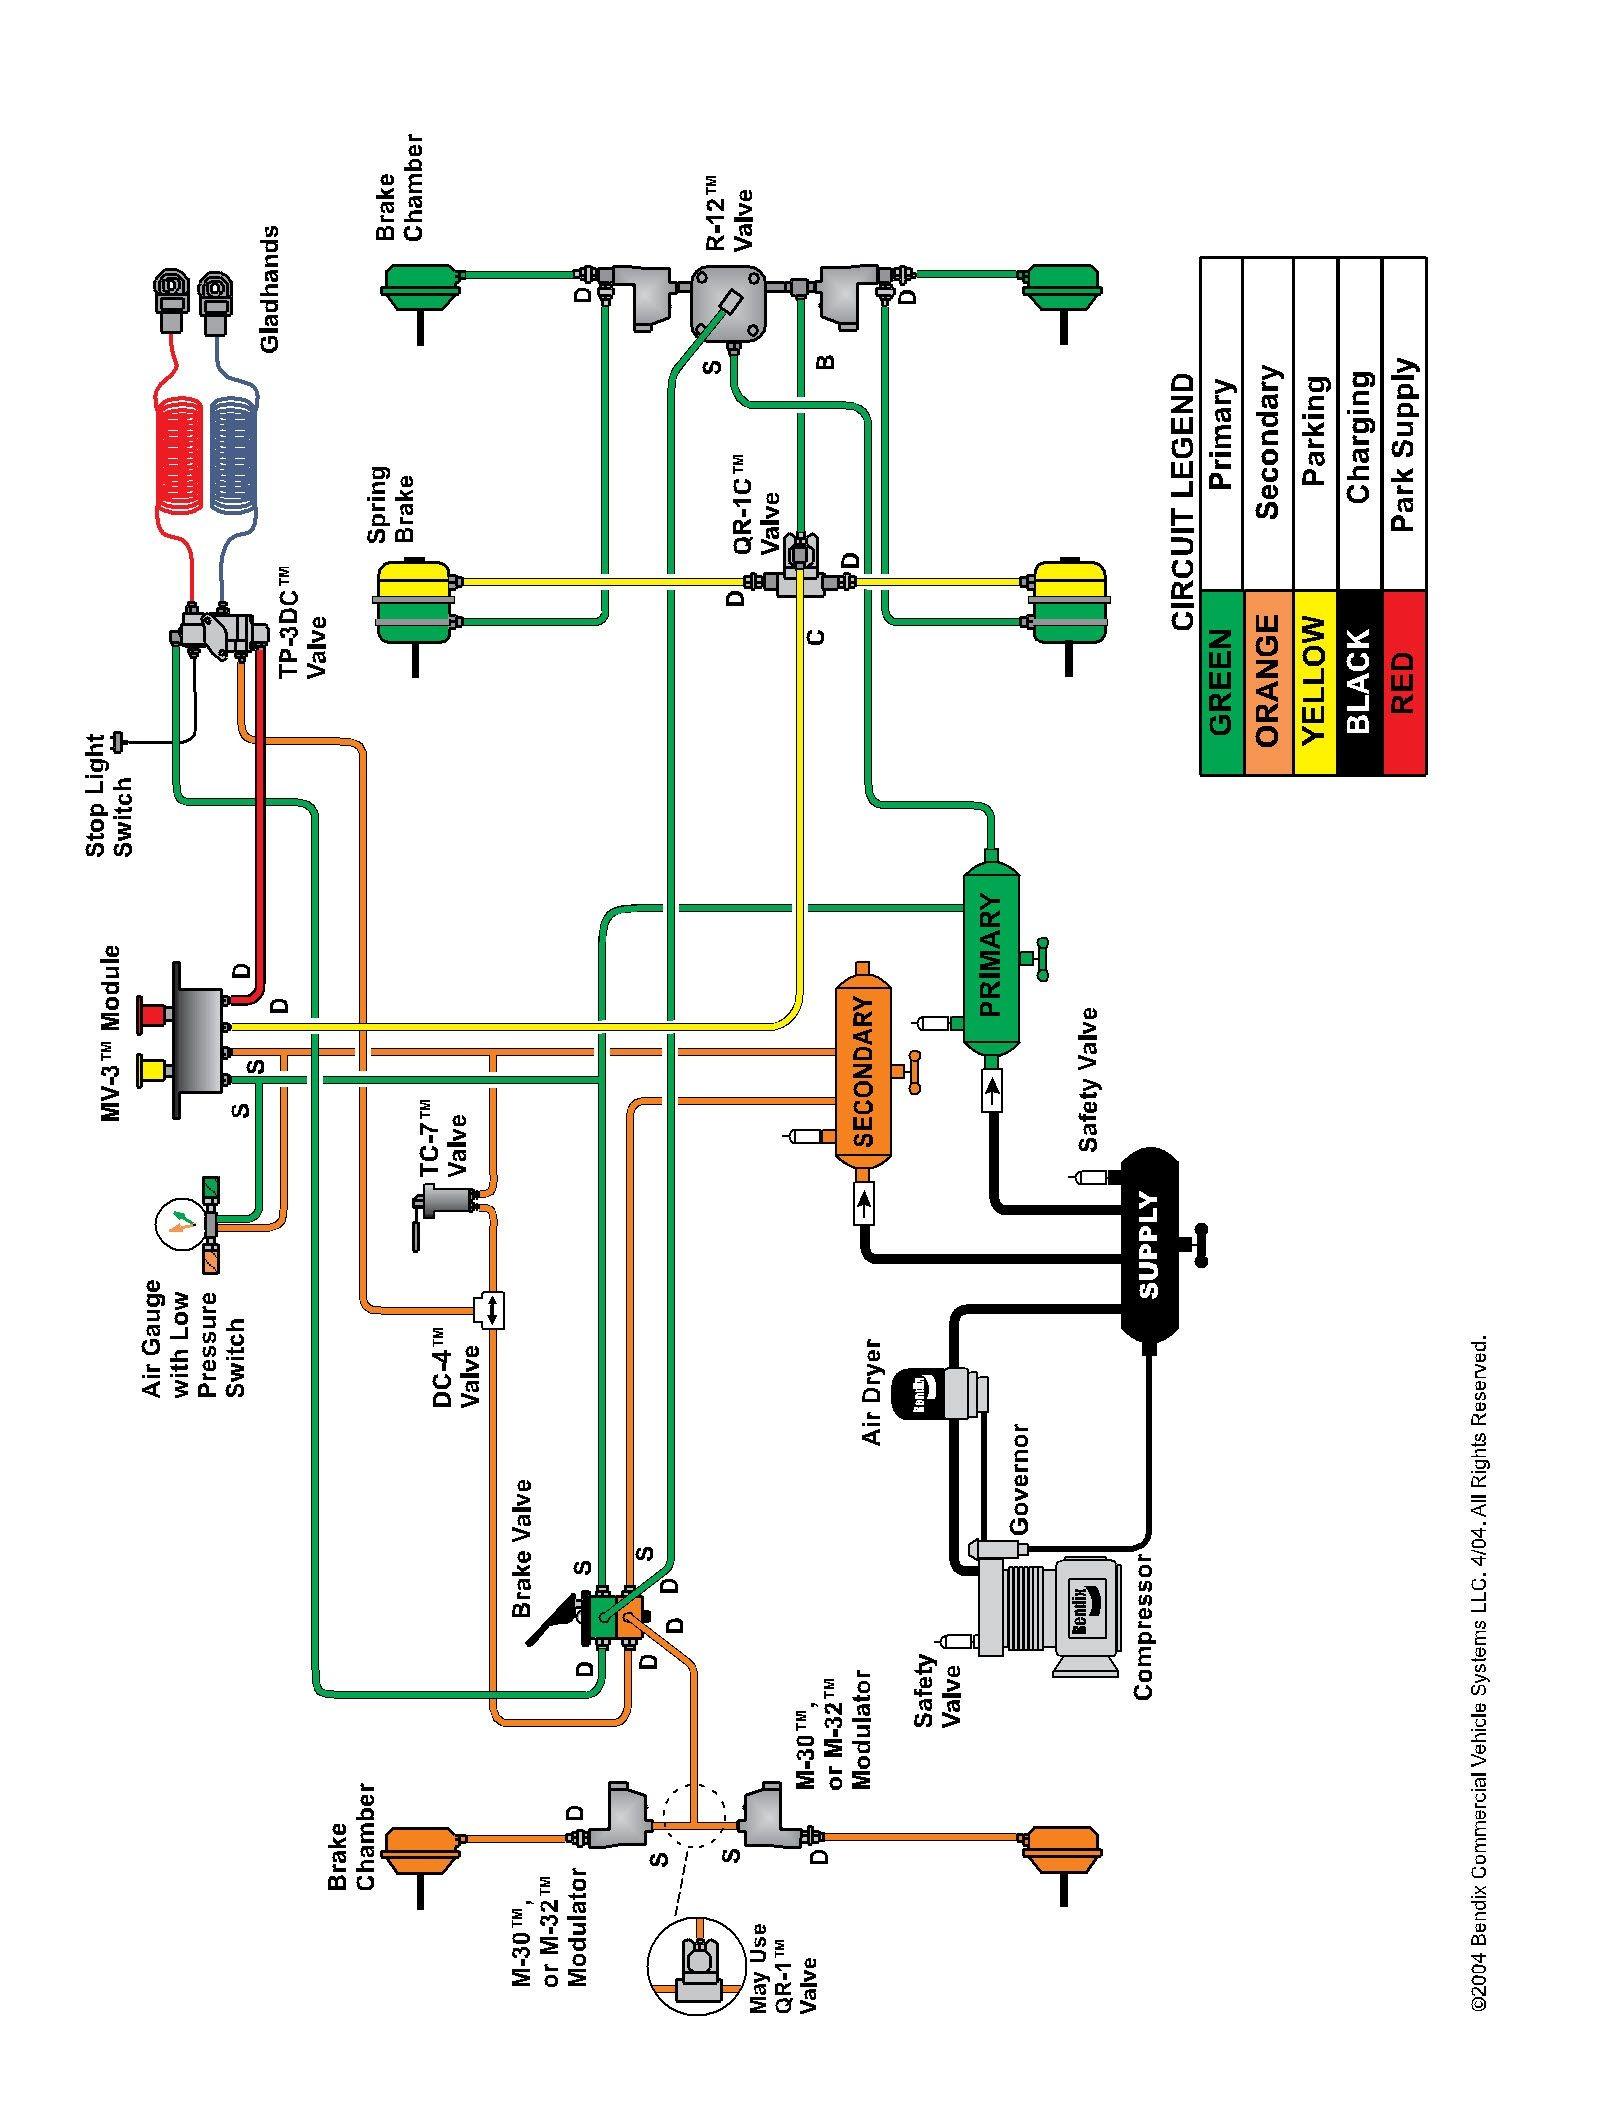 Truck Air Brake System Schematic Bendix Brake Diagram Of Truck Air Brake System Schematic